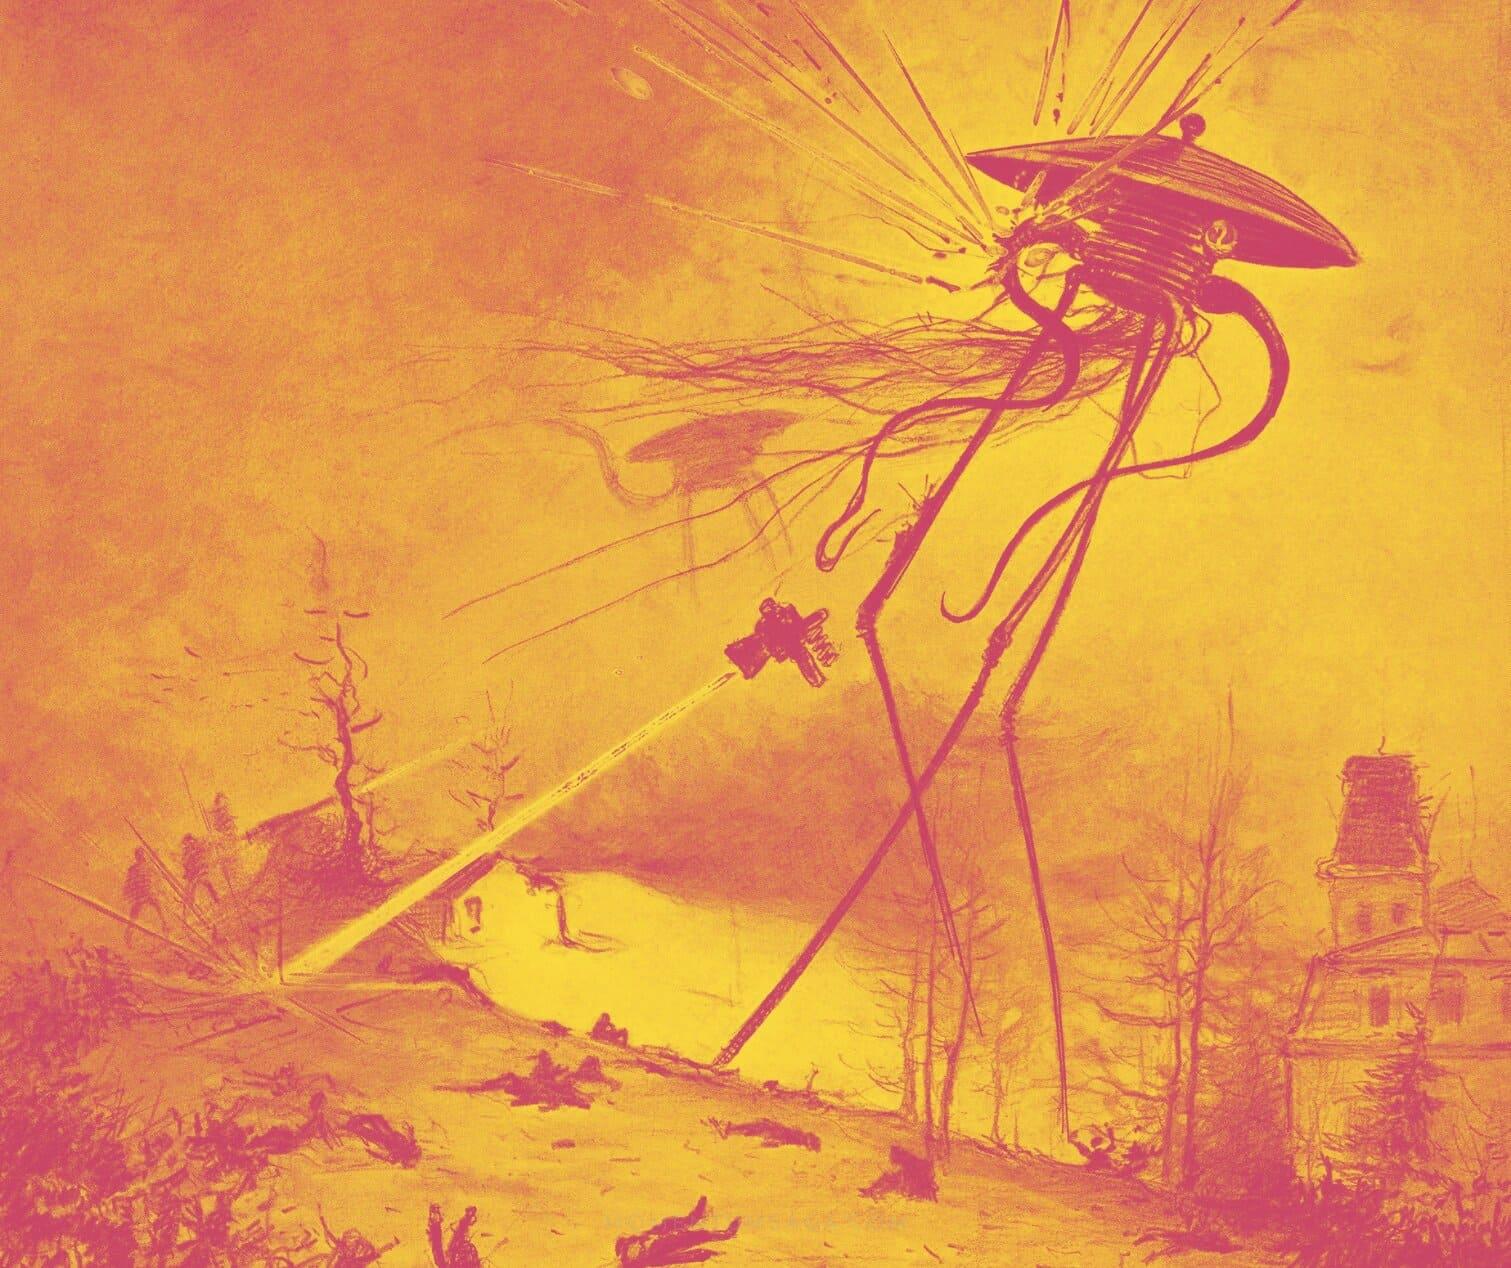 A Guerra dos Mundos e o mito do pânico no rádio